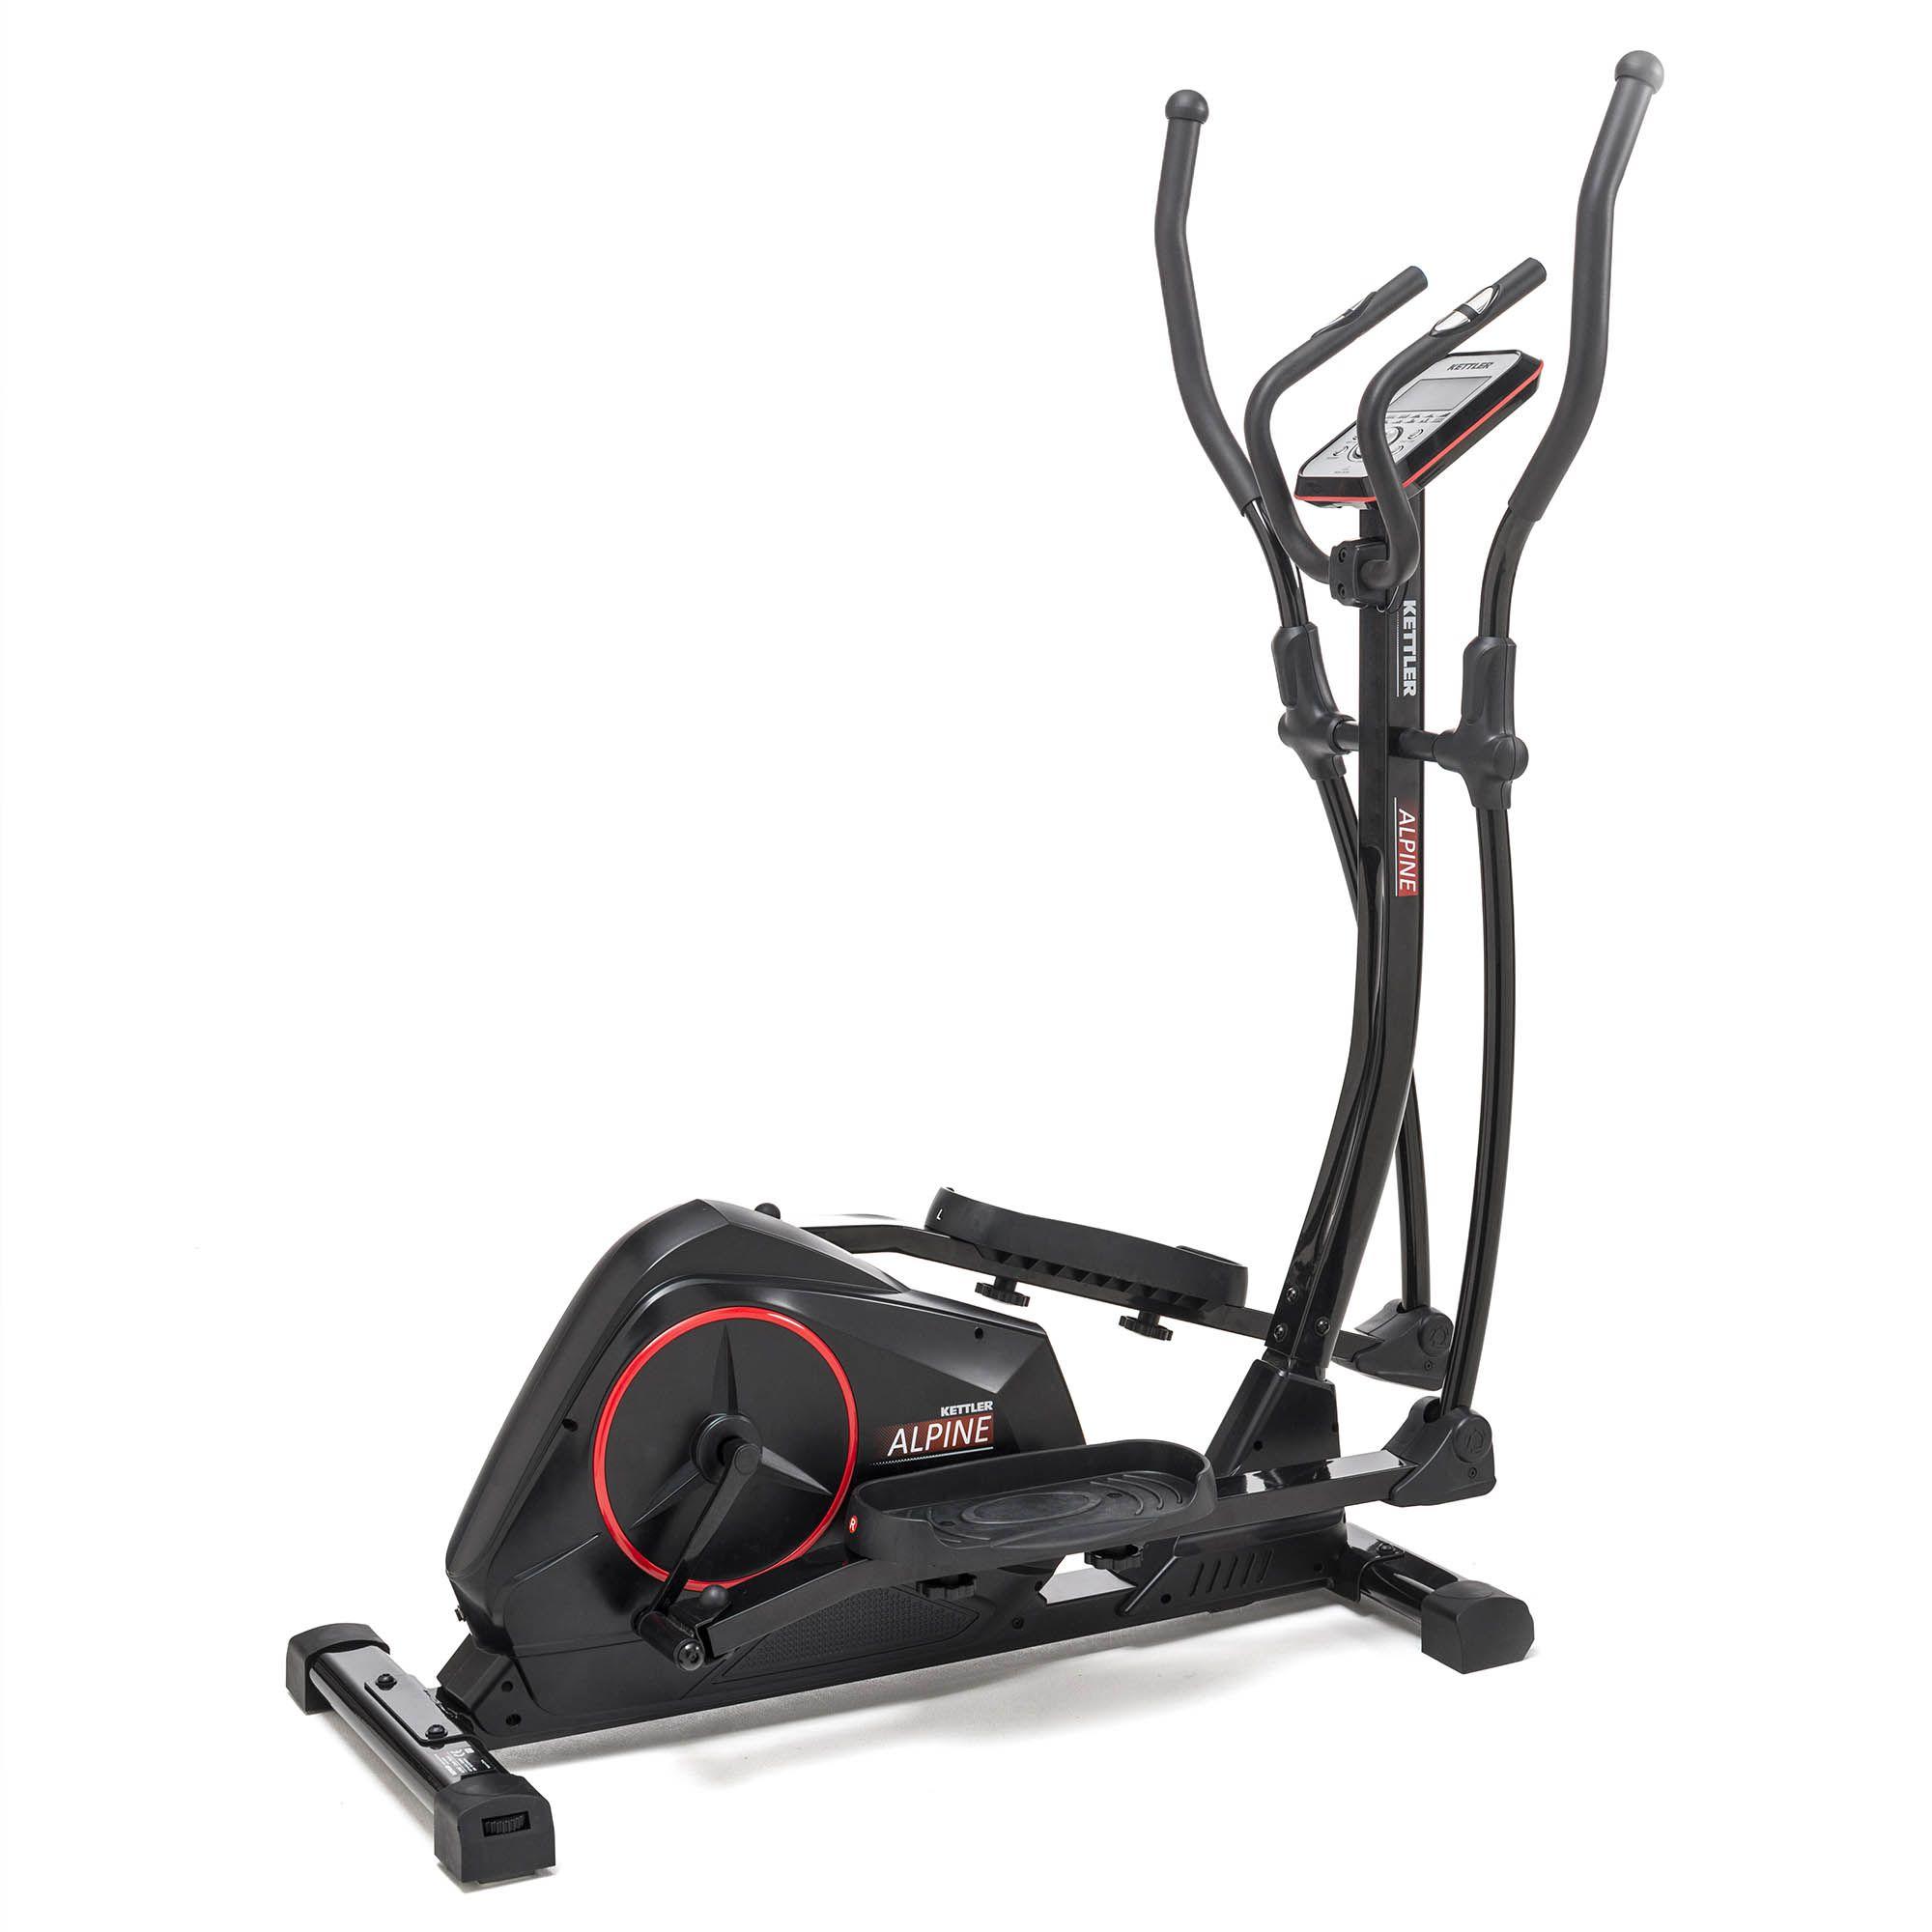 kettler alpine elliptical cross trainer. Black Bedroom Furniture Sets. Home Design Ideas